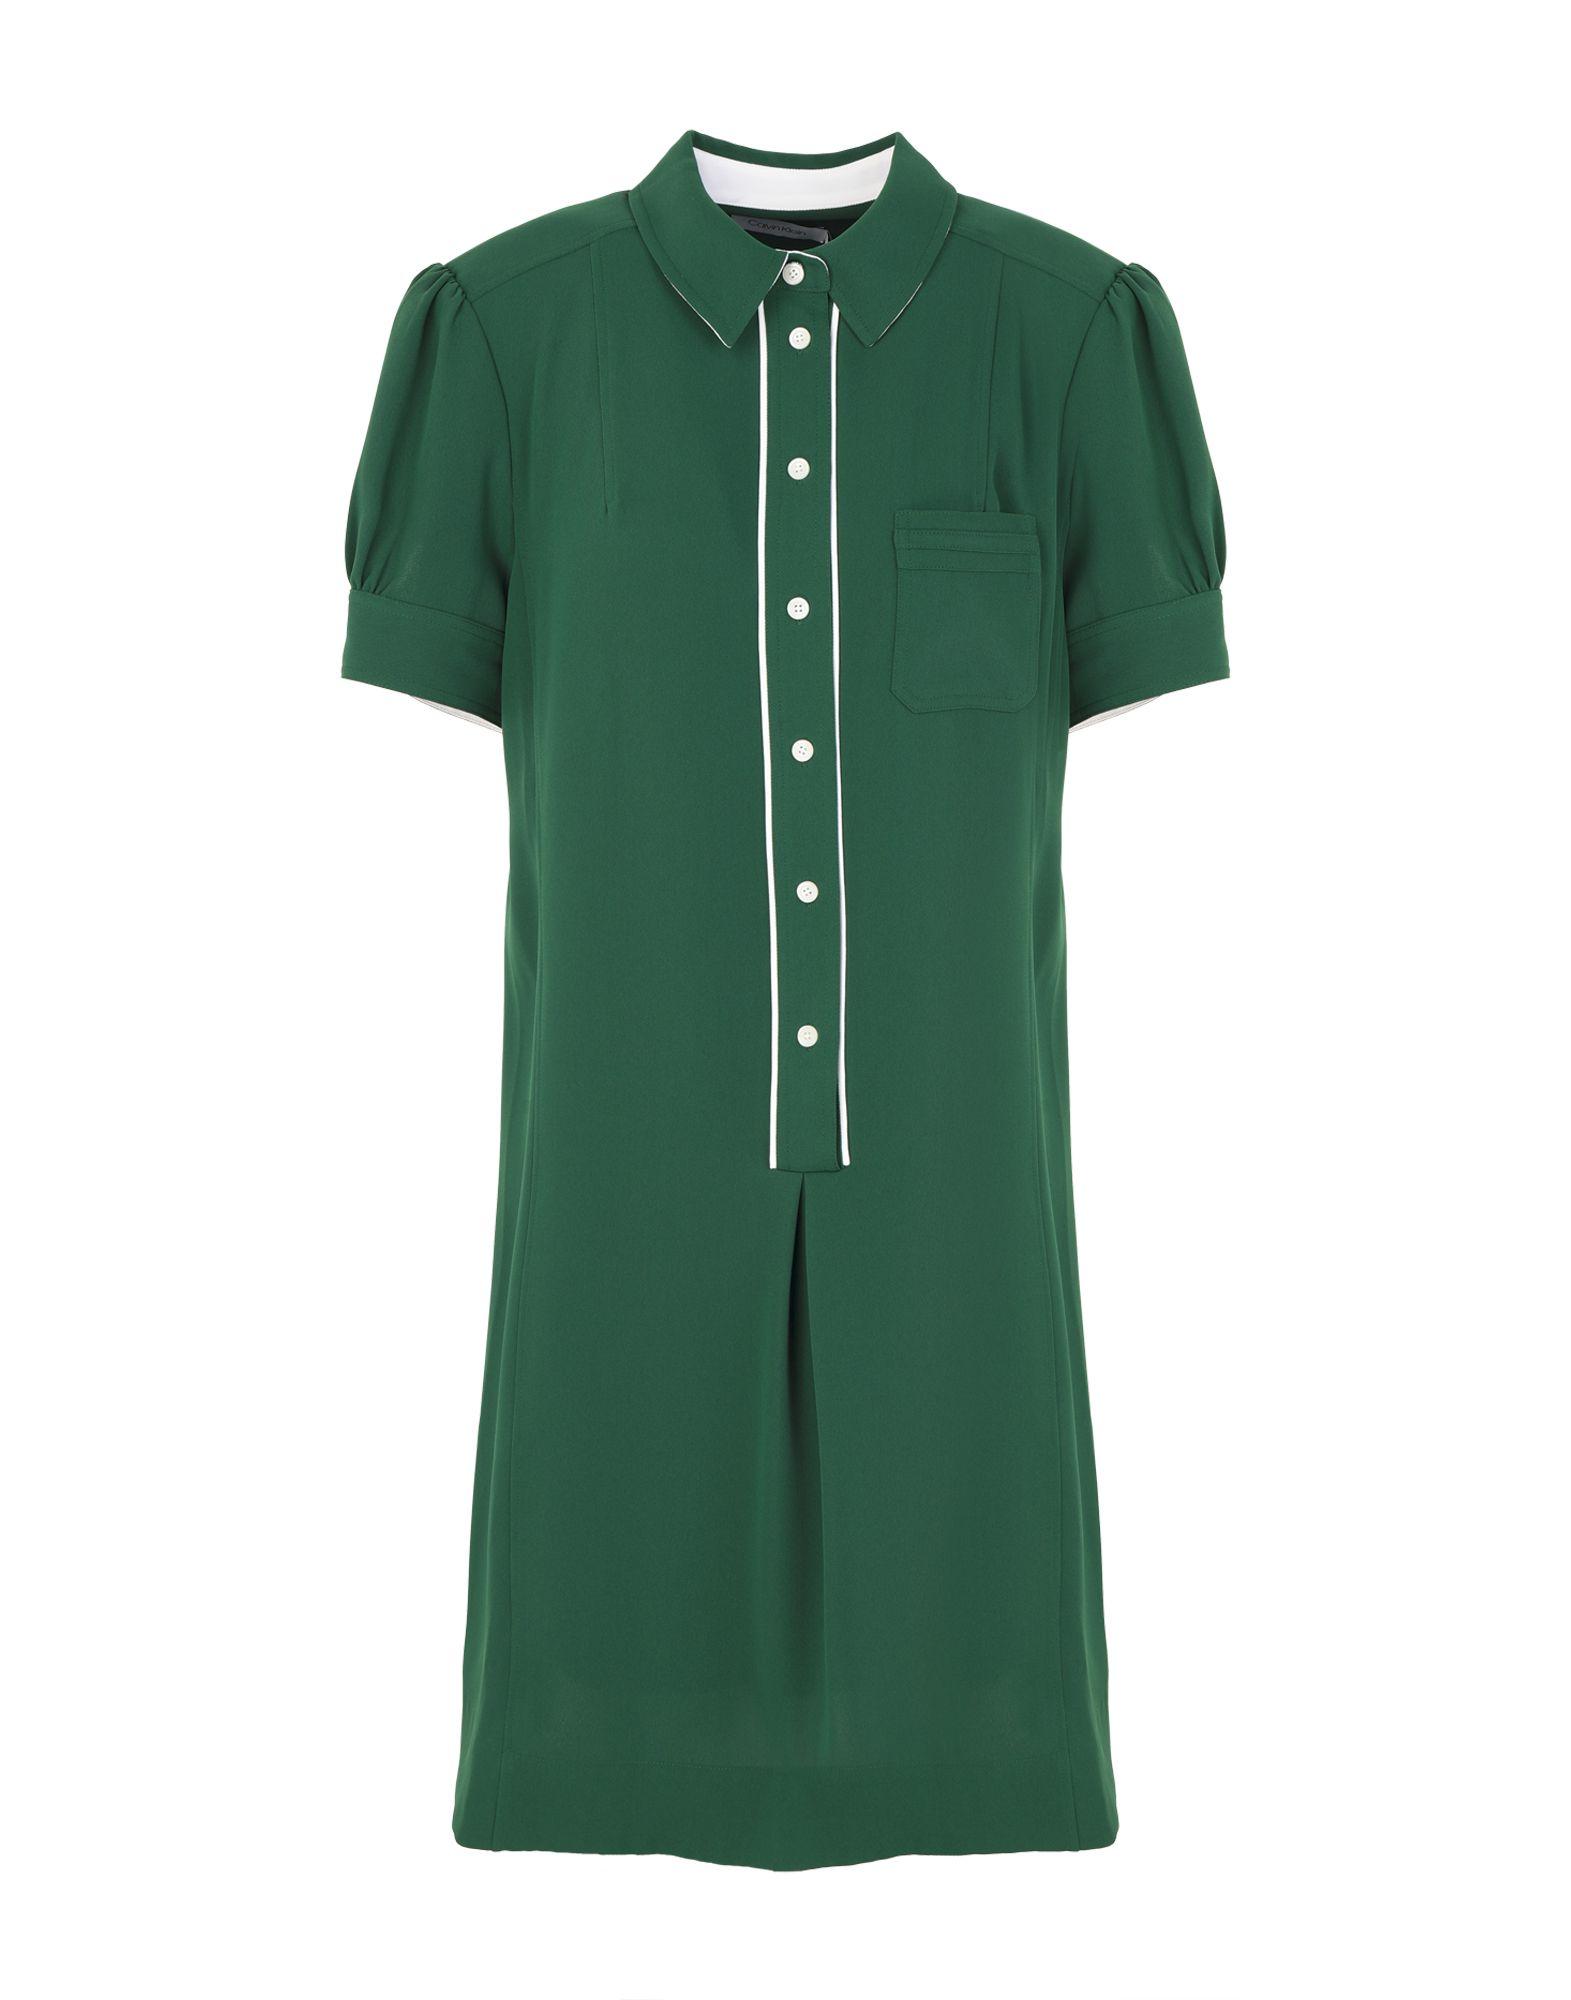 《送料無料》CALVIN KLEIN レディース ひざ丈ワンピース グリーン 36 ポリエステル 100% DETAIL SHIRT DRESS SS